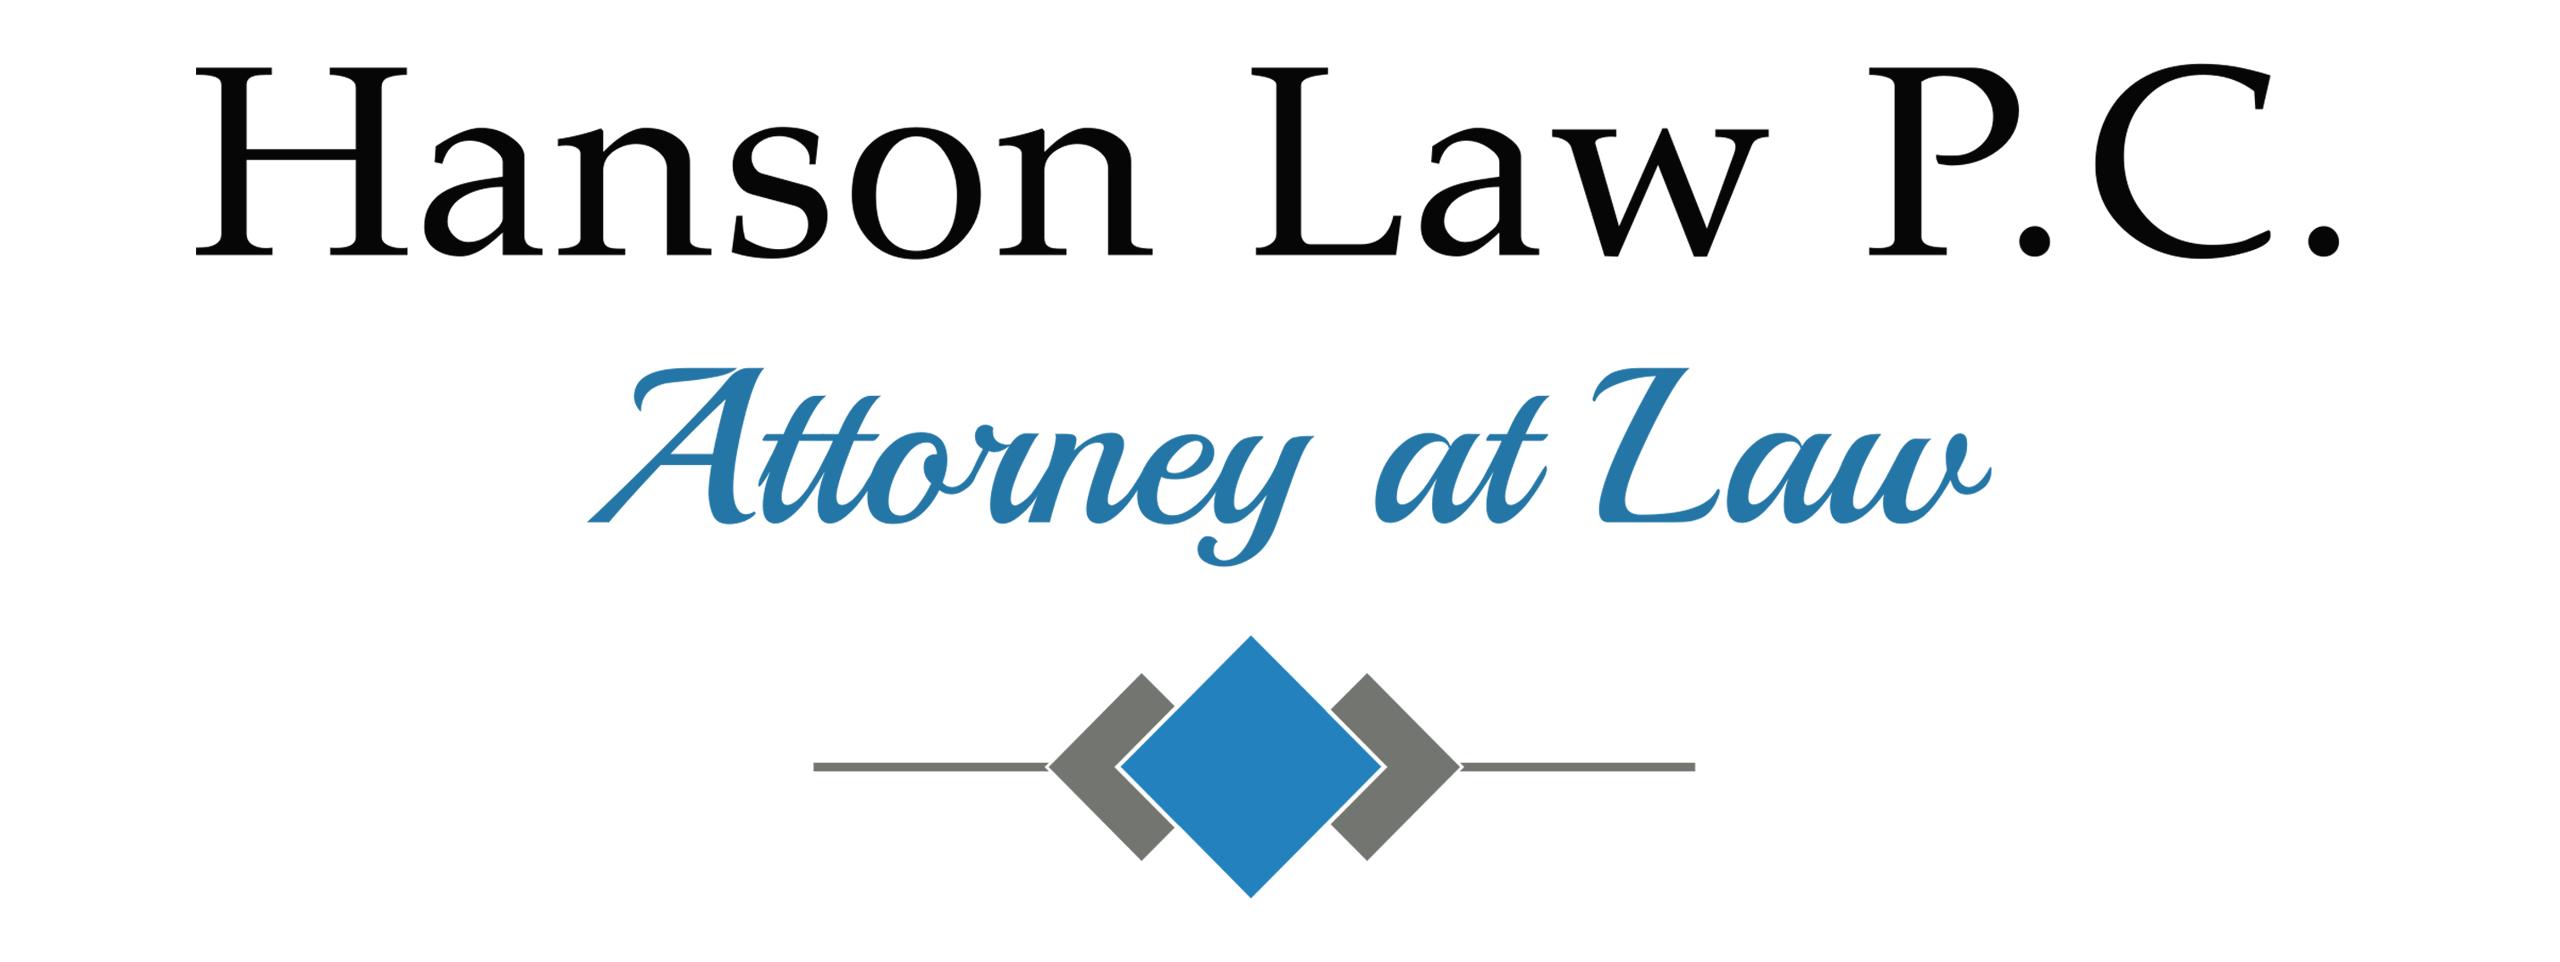 HANSON LAW P.C.